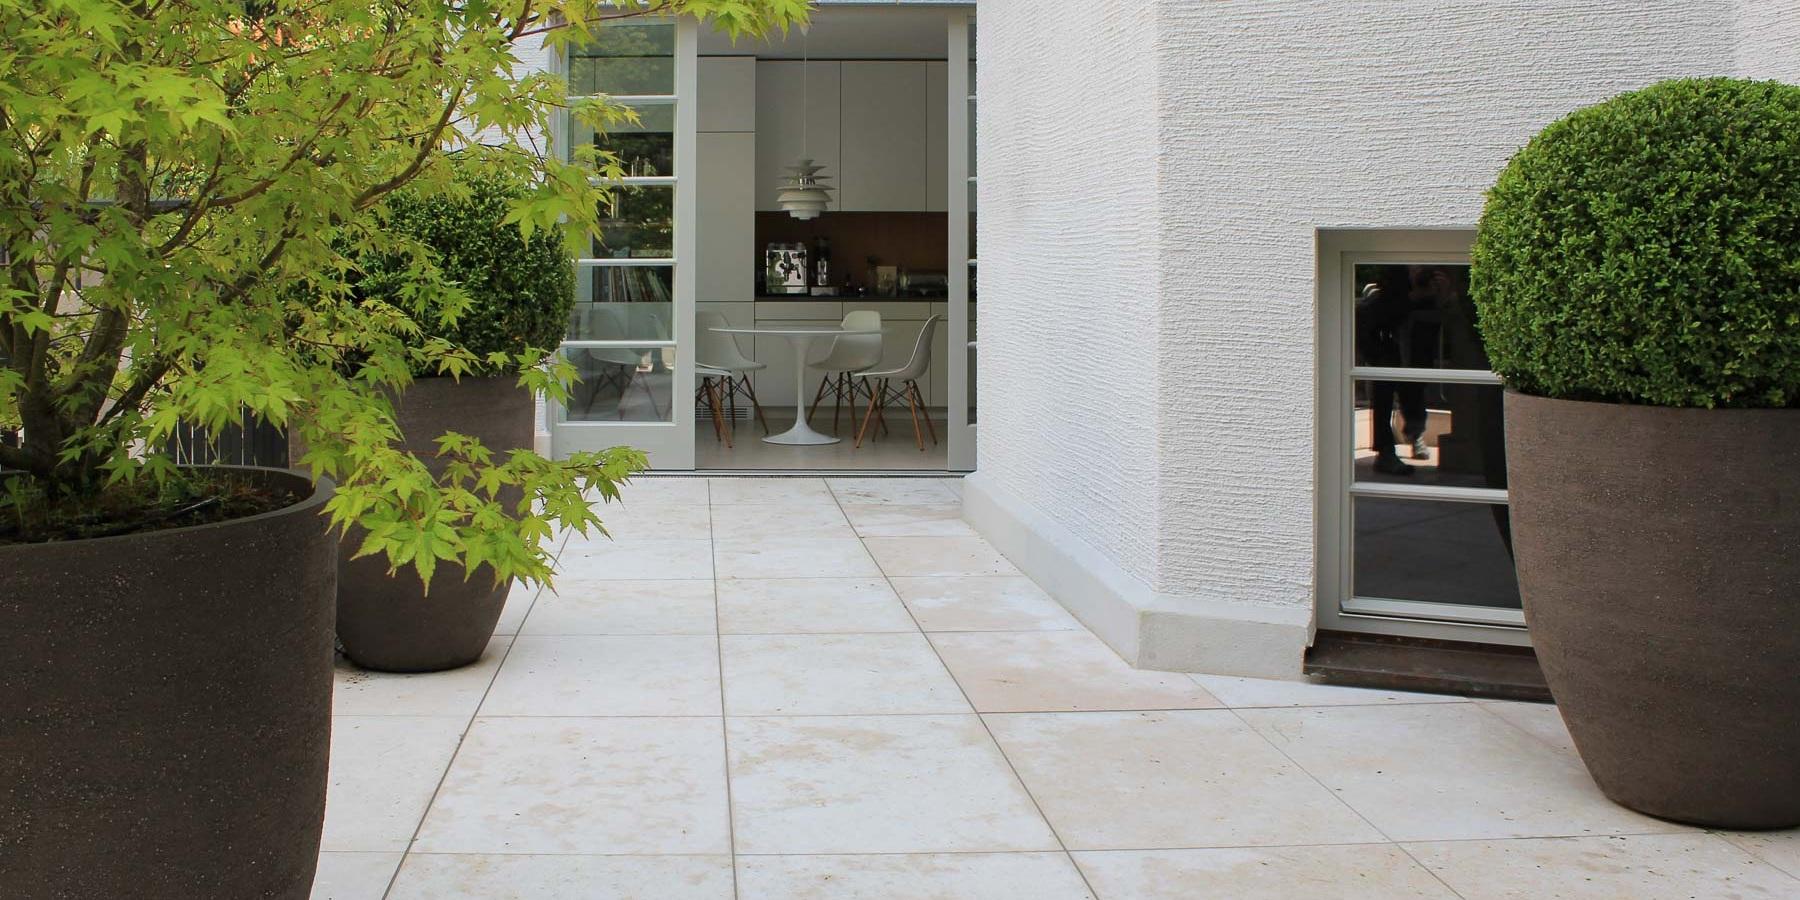 Zier-Ahorne und Buchsbaum in großen, runden Pflanzgefäßen stehen auf der Terrasse.